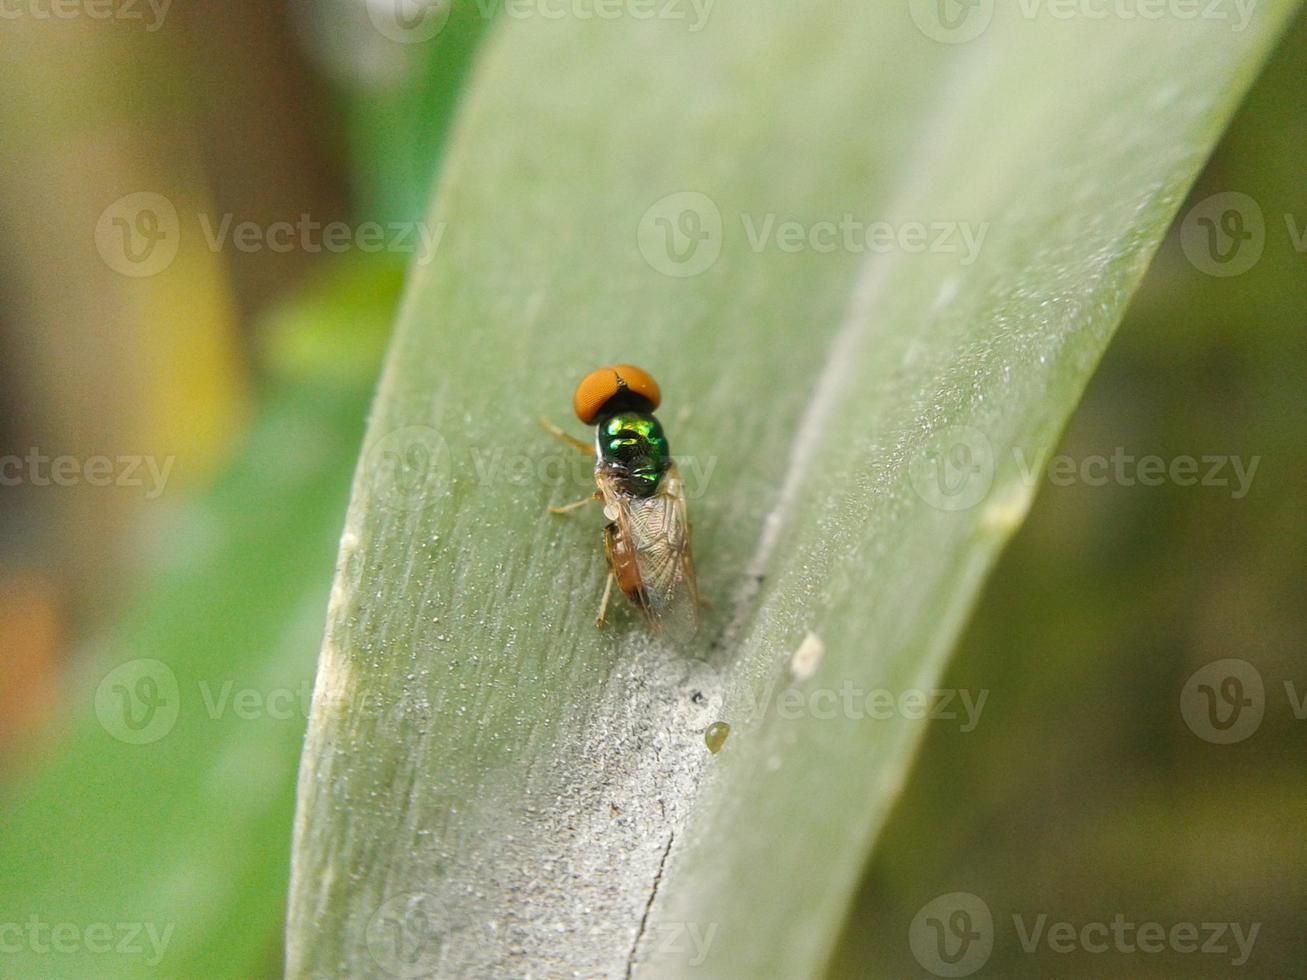 pequeña mosca en hojas verdes foto